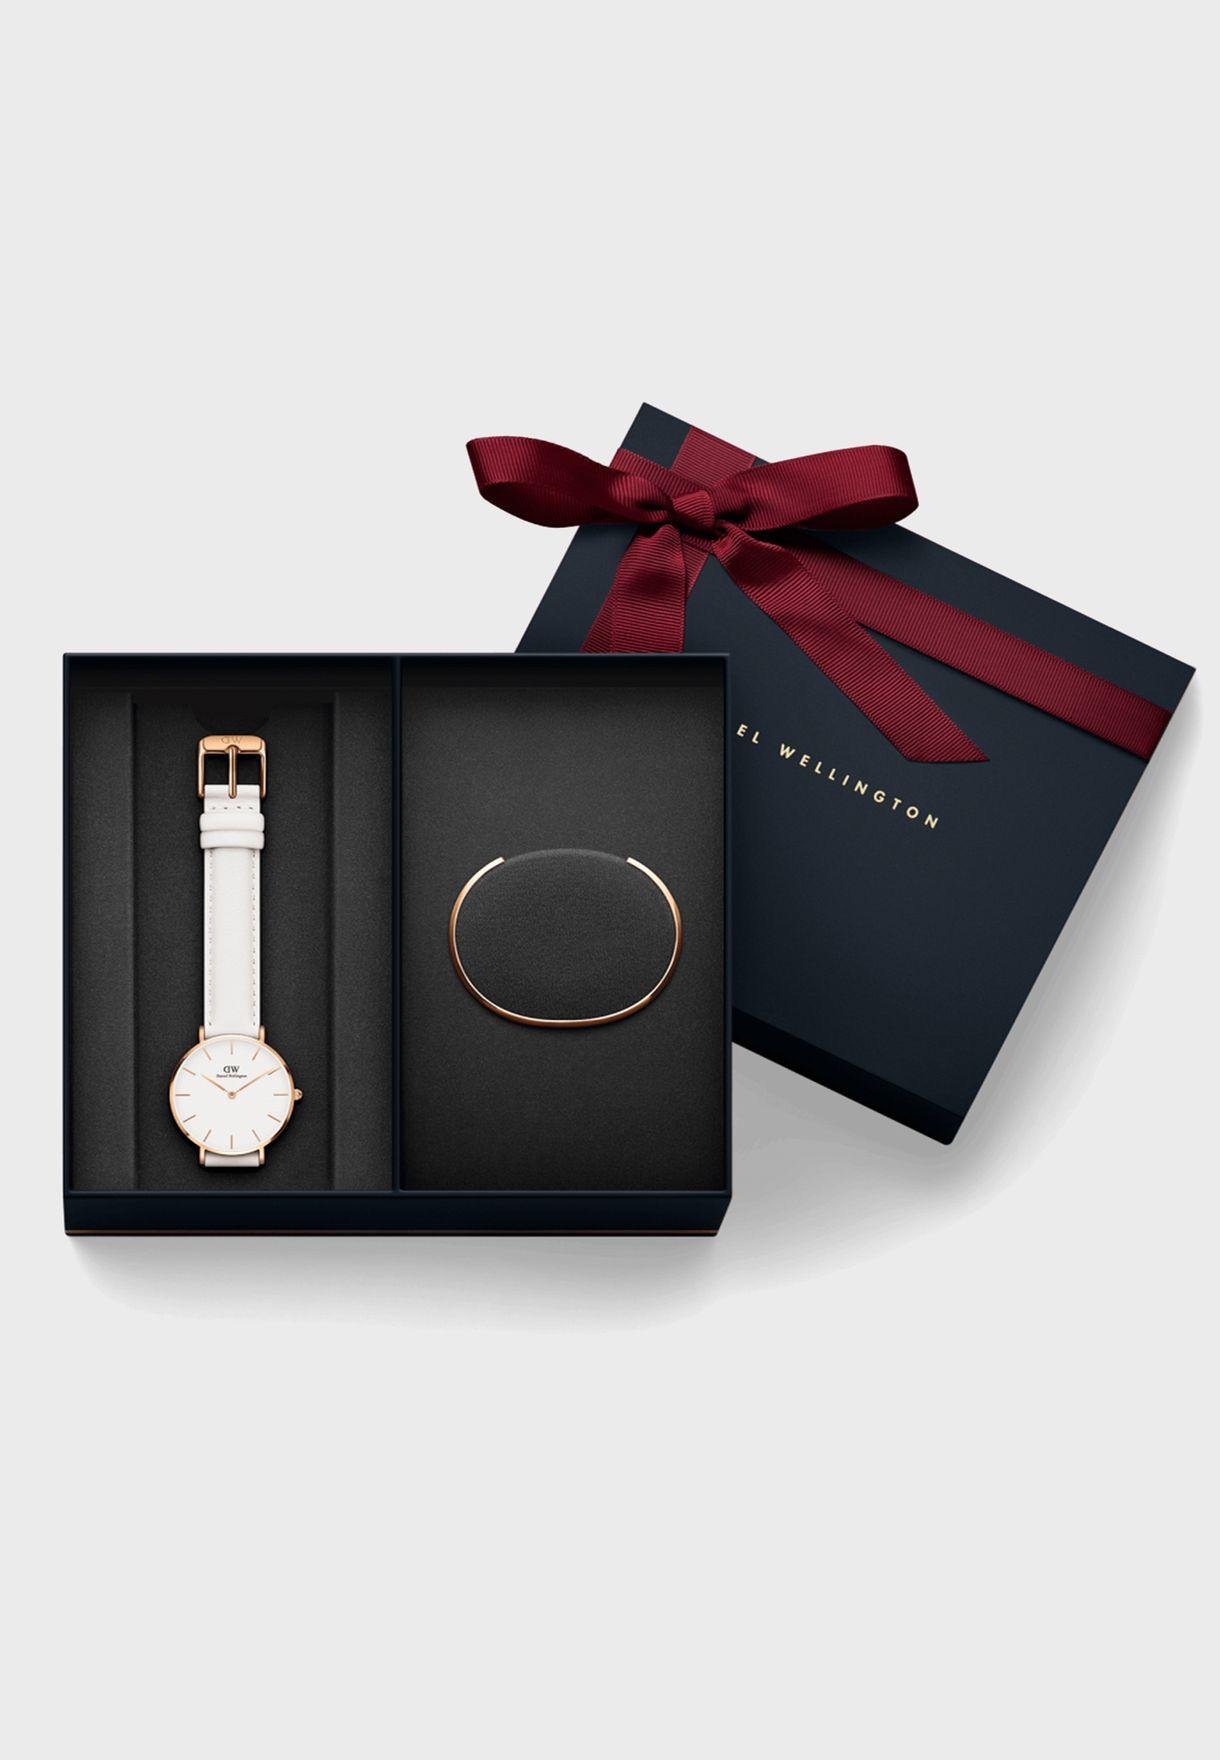 طقم هدية (ساعة + سوار)